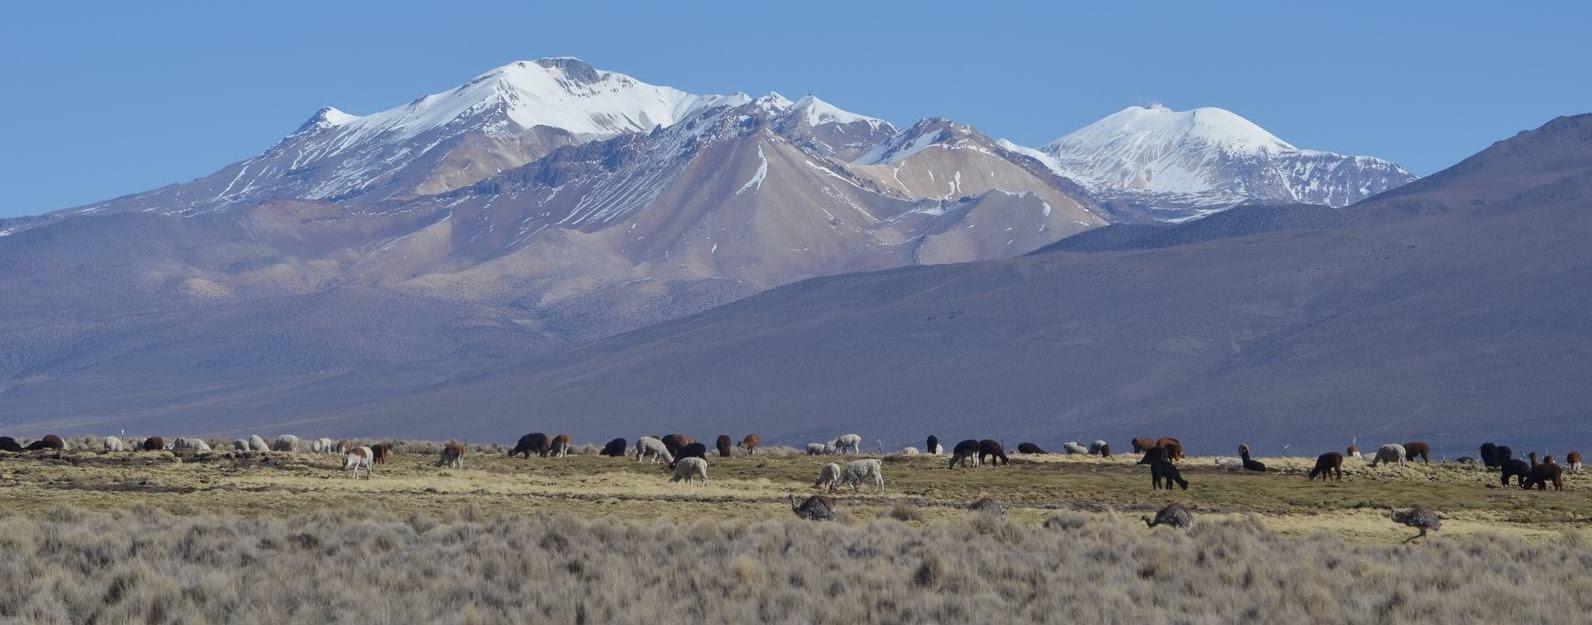 Widok na Andy z trasy trekkingu lamy na pierwszym planie